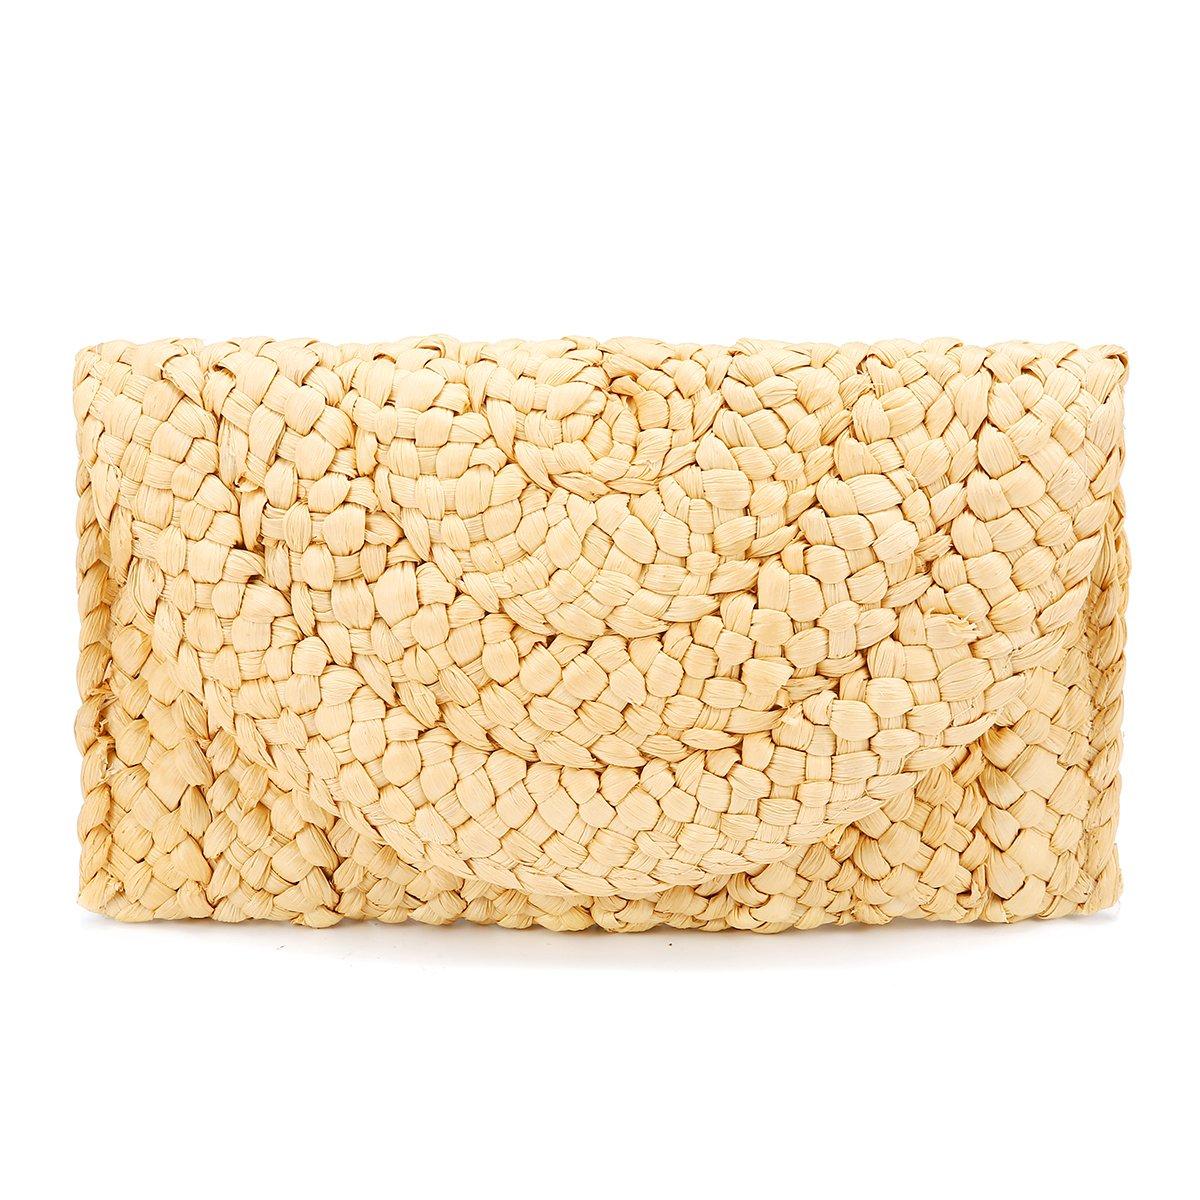 Monedero de embrague de paja,JOSEKO Bolso de mano de mujer Envelope Flat Clutch Bolsa de playa de verano: Amazon.es: Equipaje